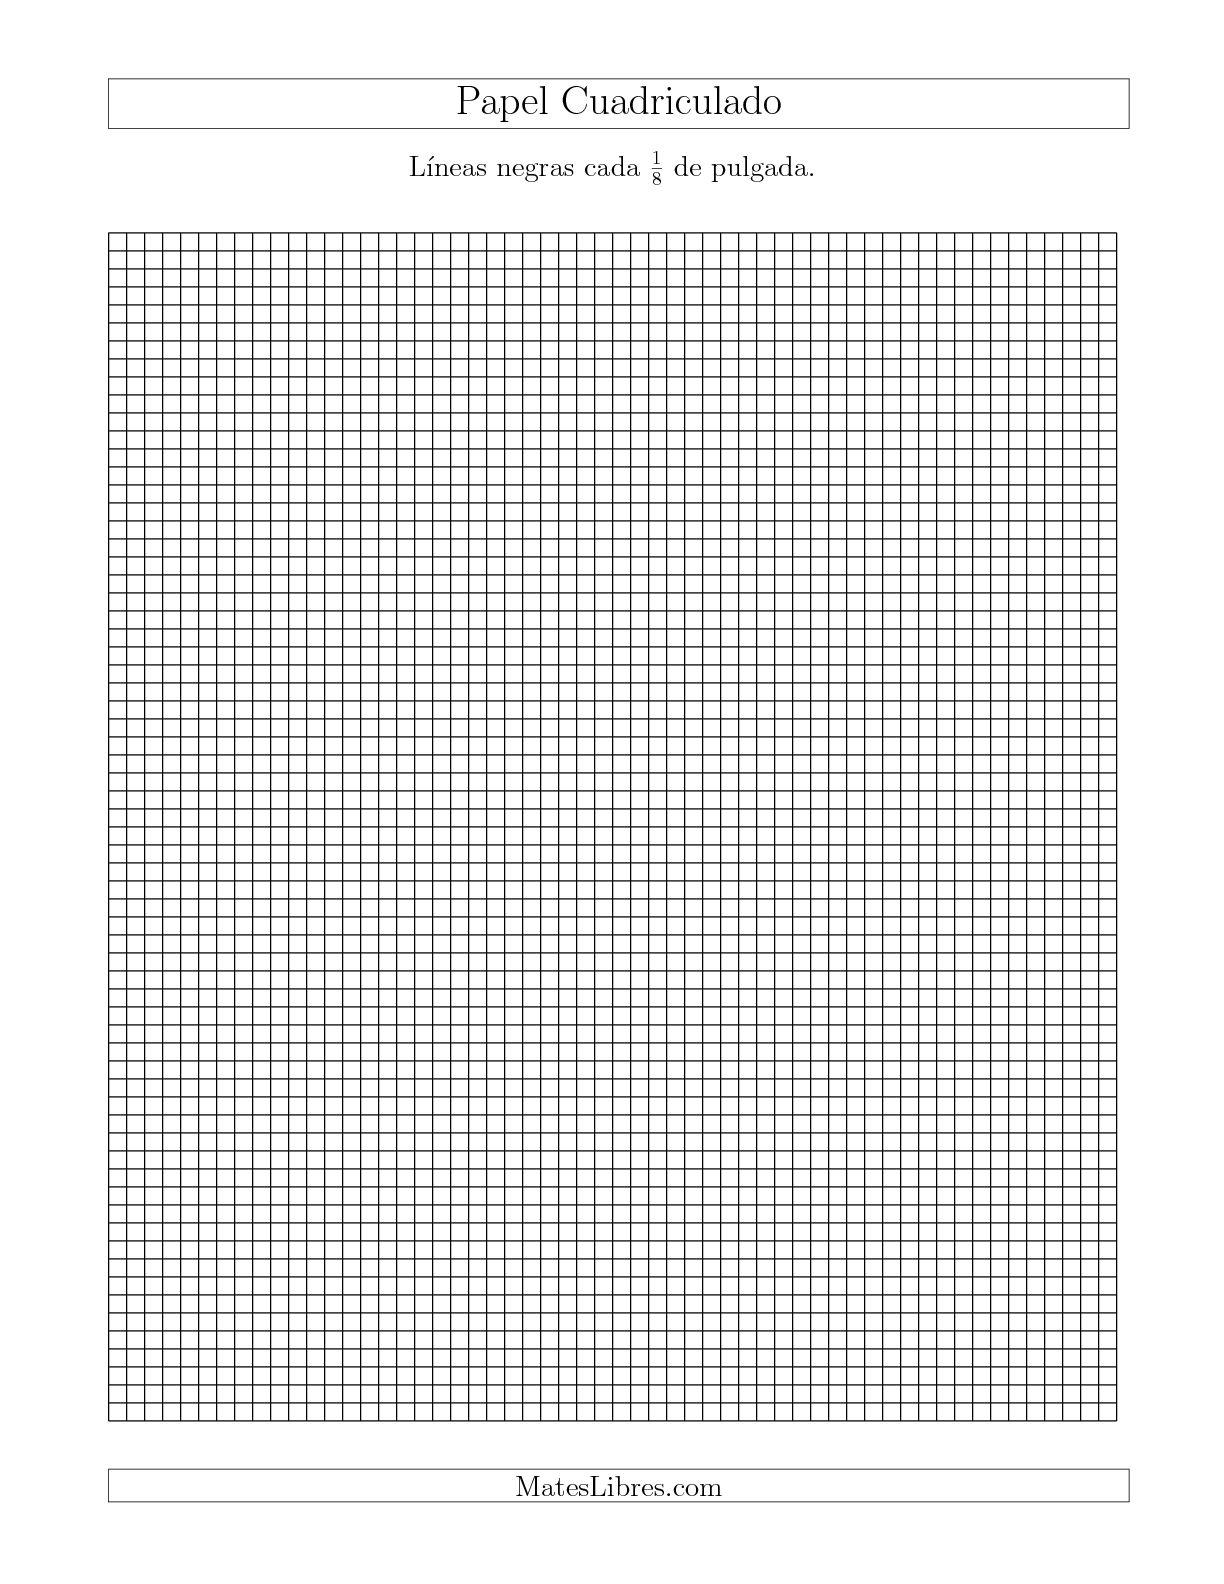 La Papel Cuadriculado con Líneas Negras cada 1/8 de Pulgada, Tamaño de Papel Carta Hojas de Papel Cuadriculado